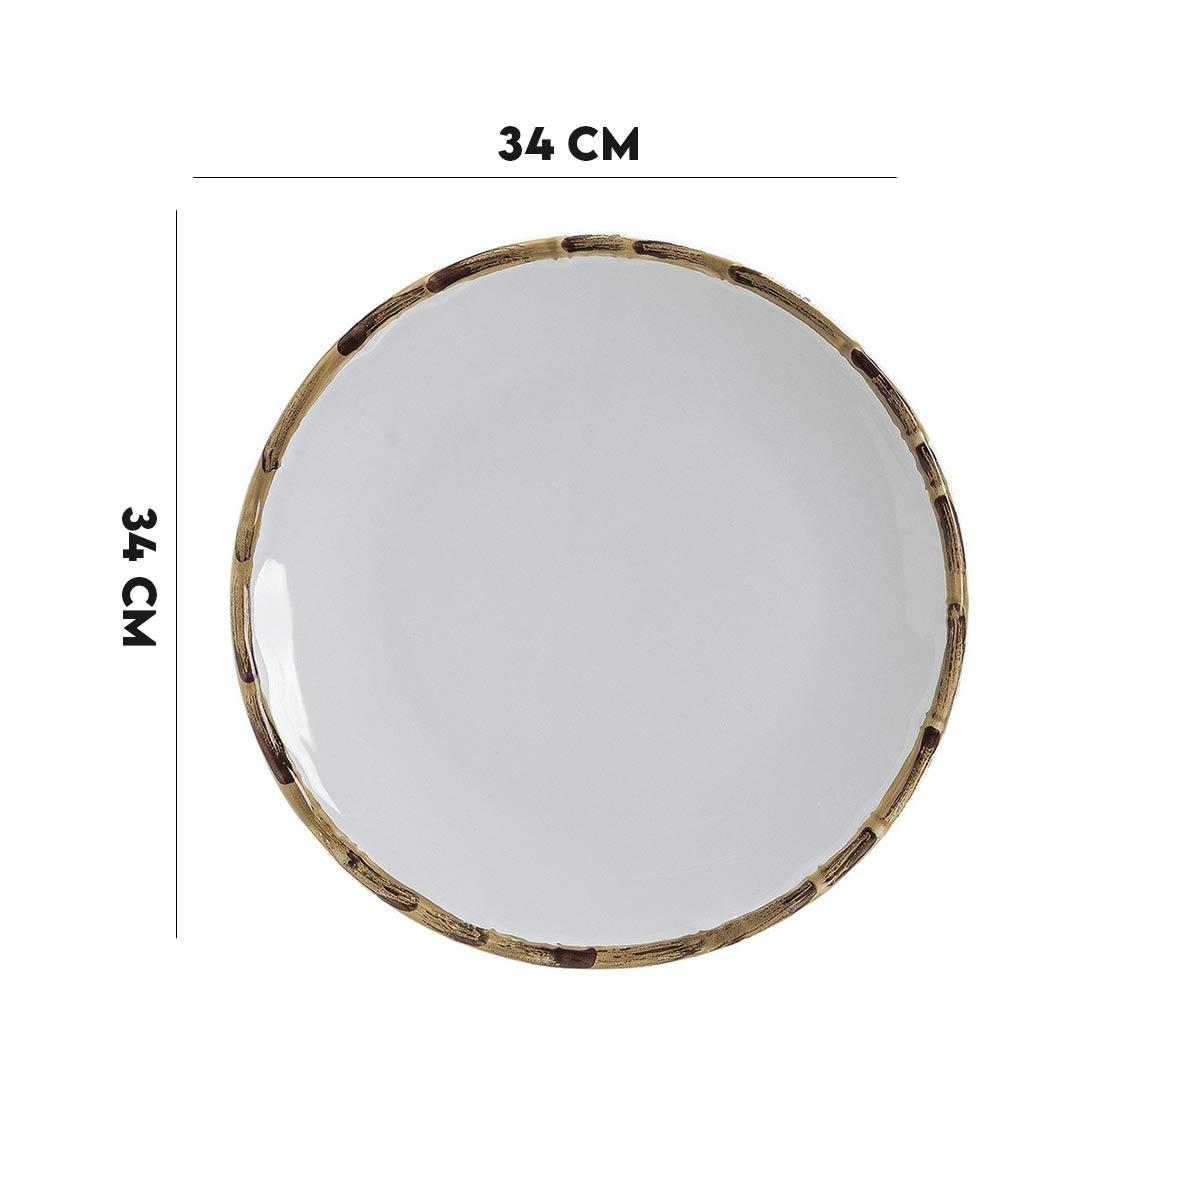 Kit 8 Sousplat Branco Borda de Bambu 34 cm 1º Linha  - Lemis